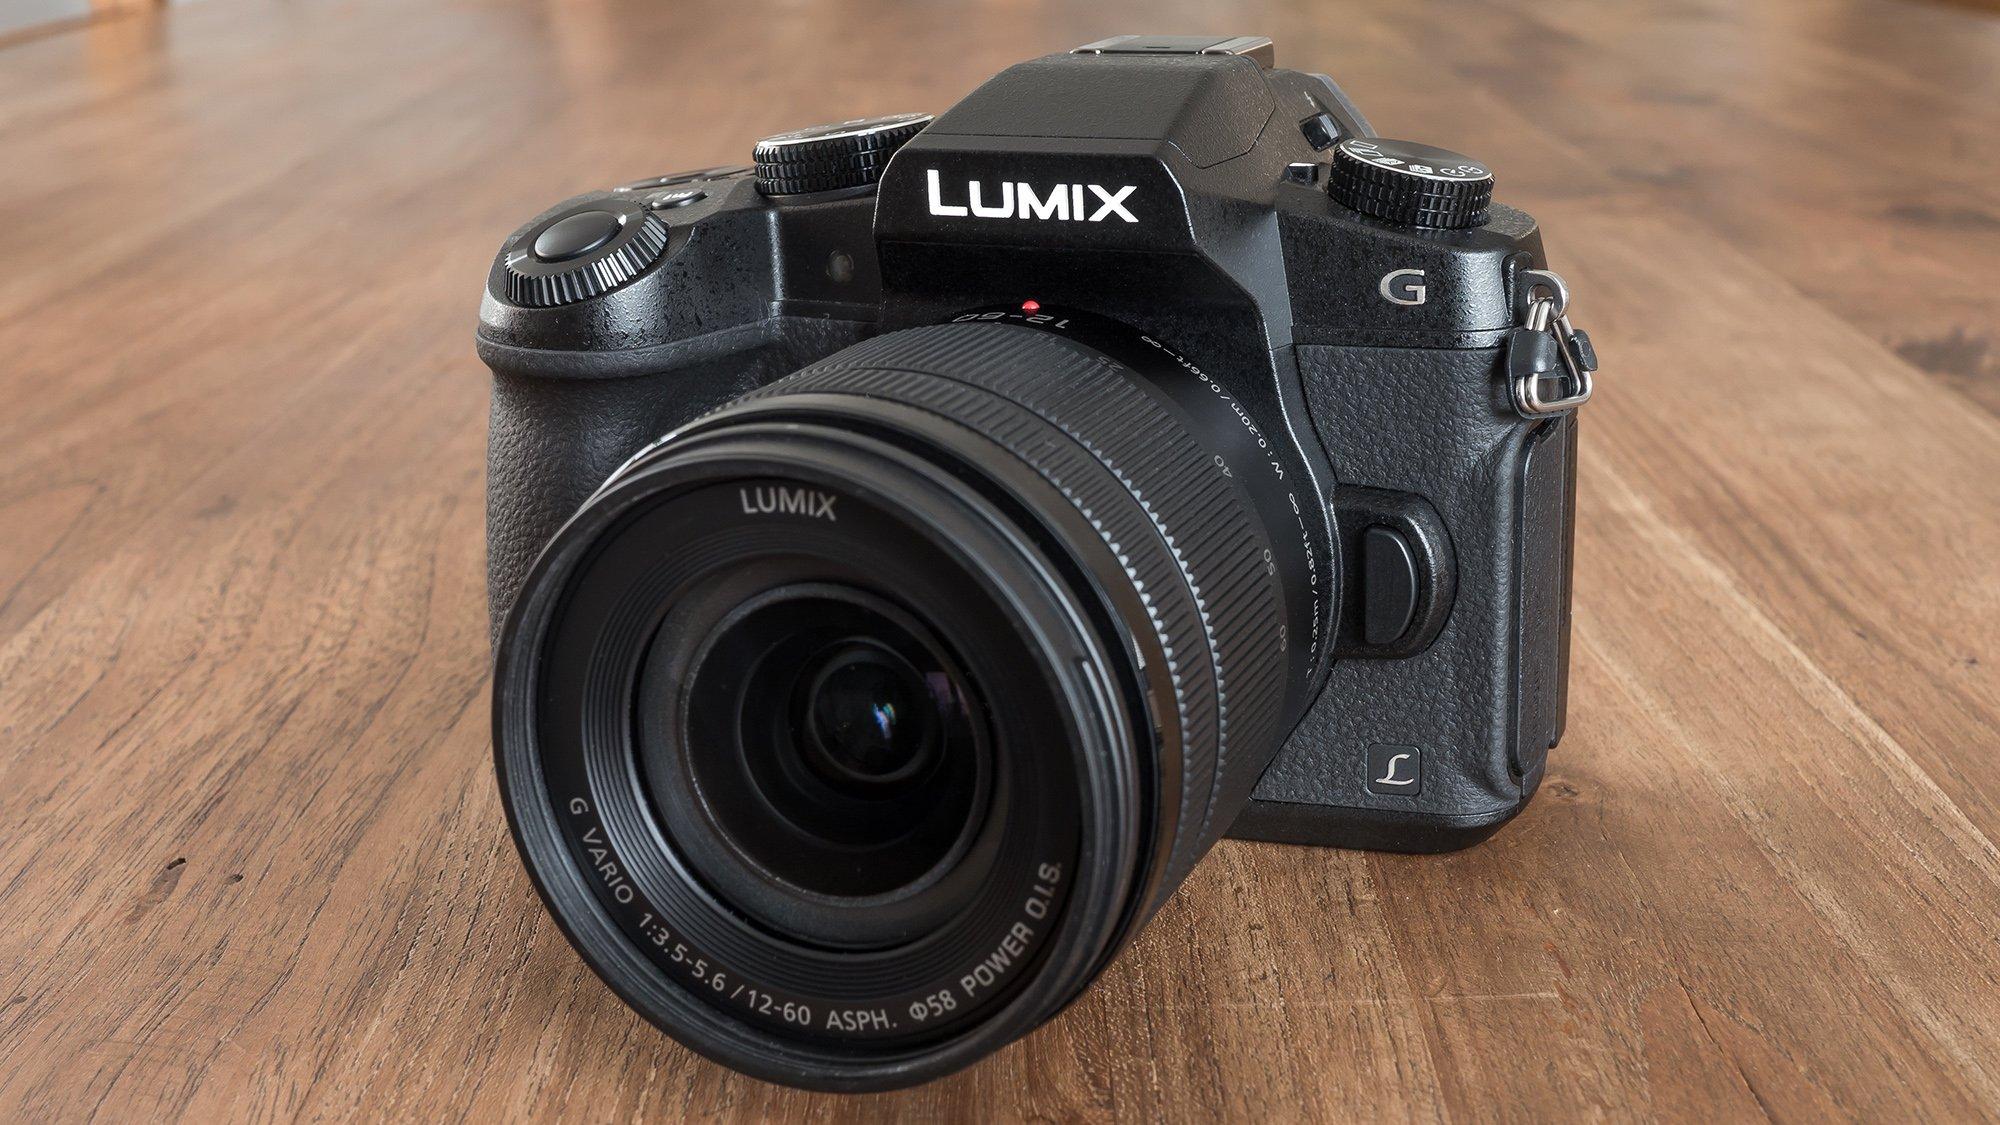 Image Result For Best Price On Digital Cameras